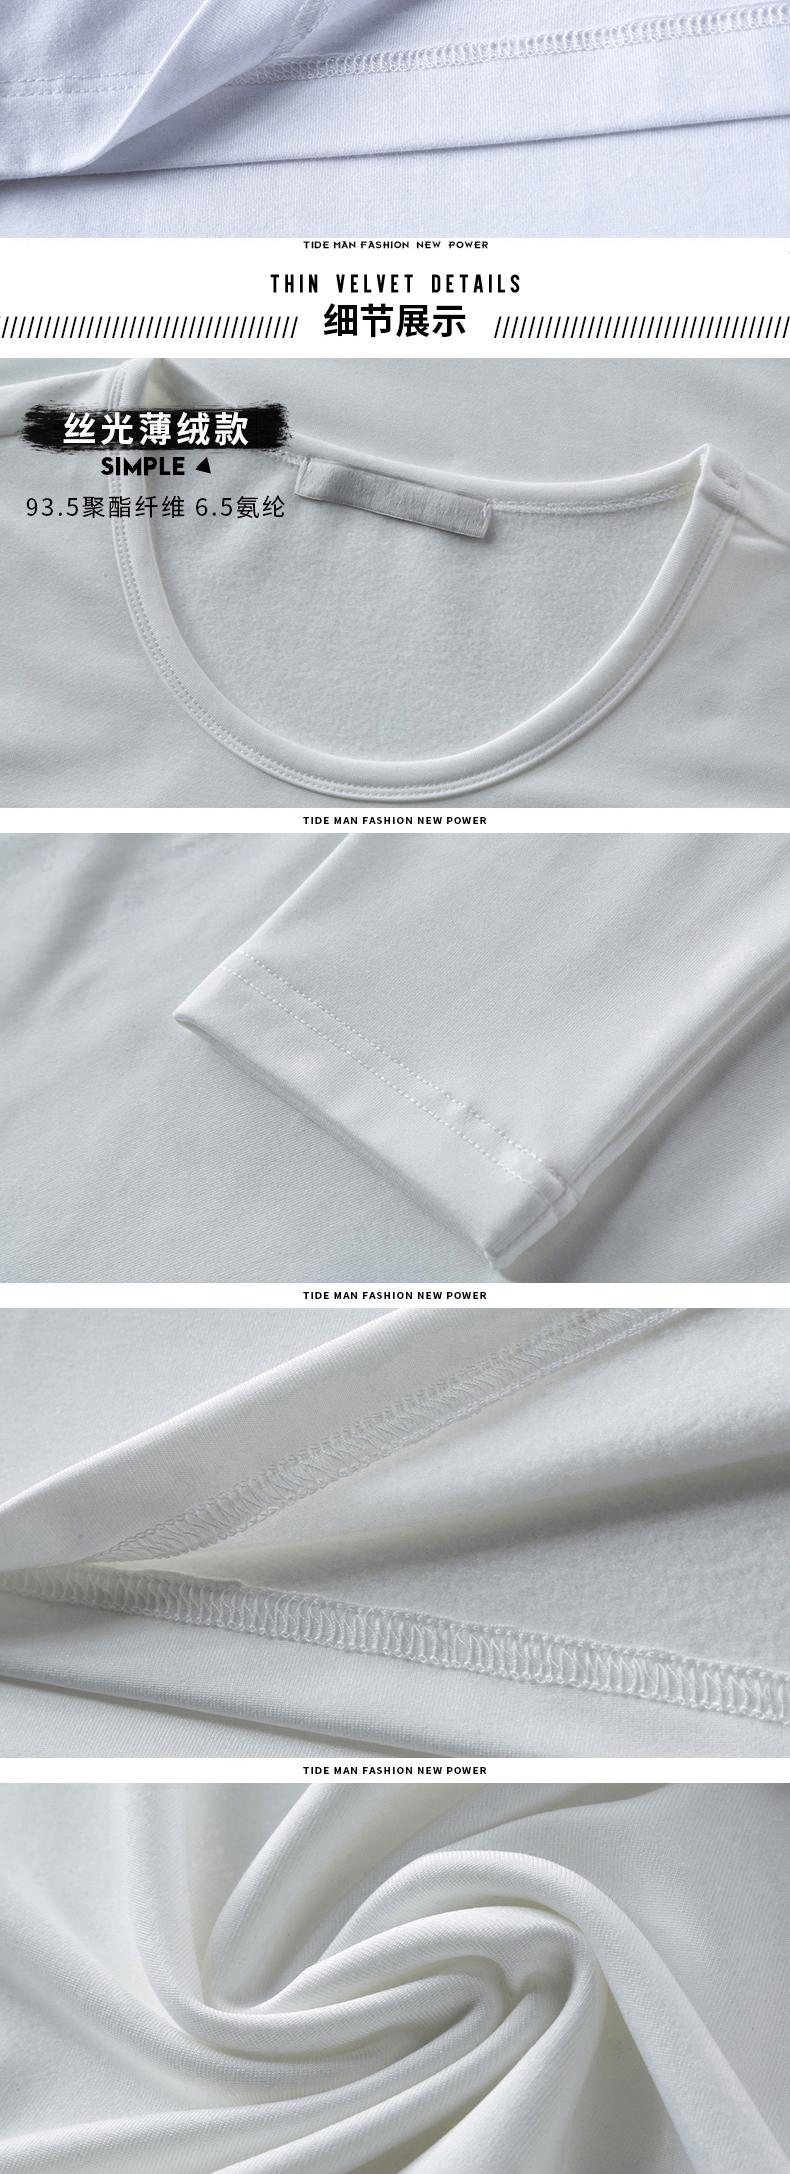 莫代尔秋季长袖恤男印花圆领白色秋冬秋衣服加绒小衫内搭打底衫详细照片